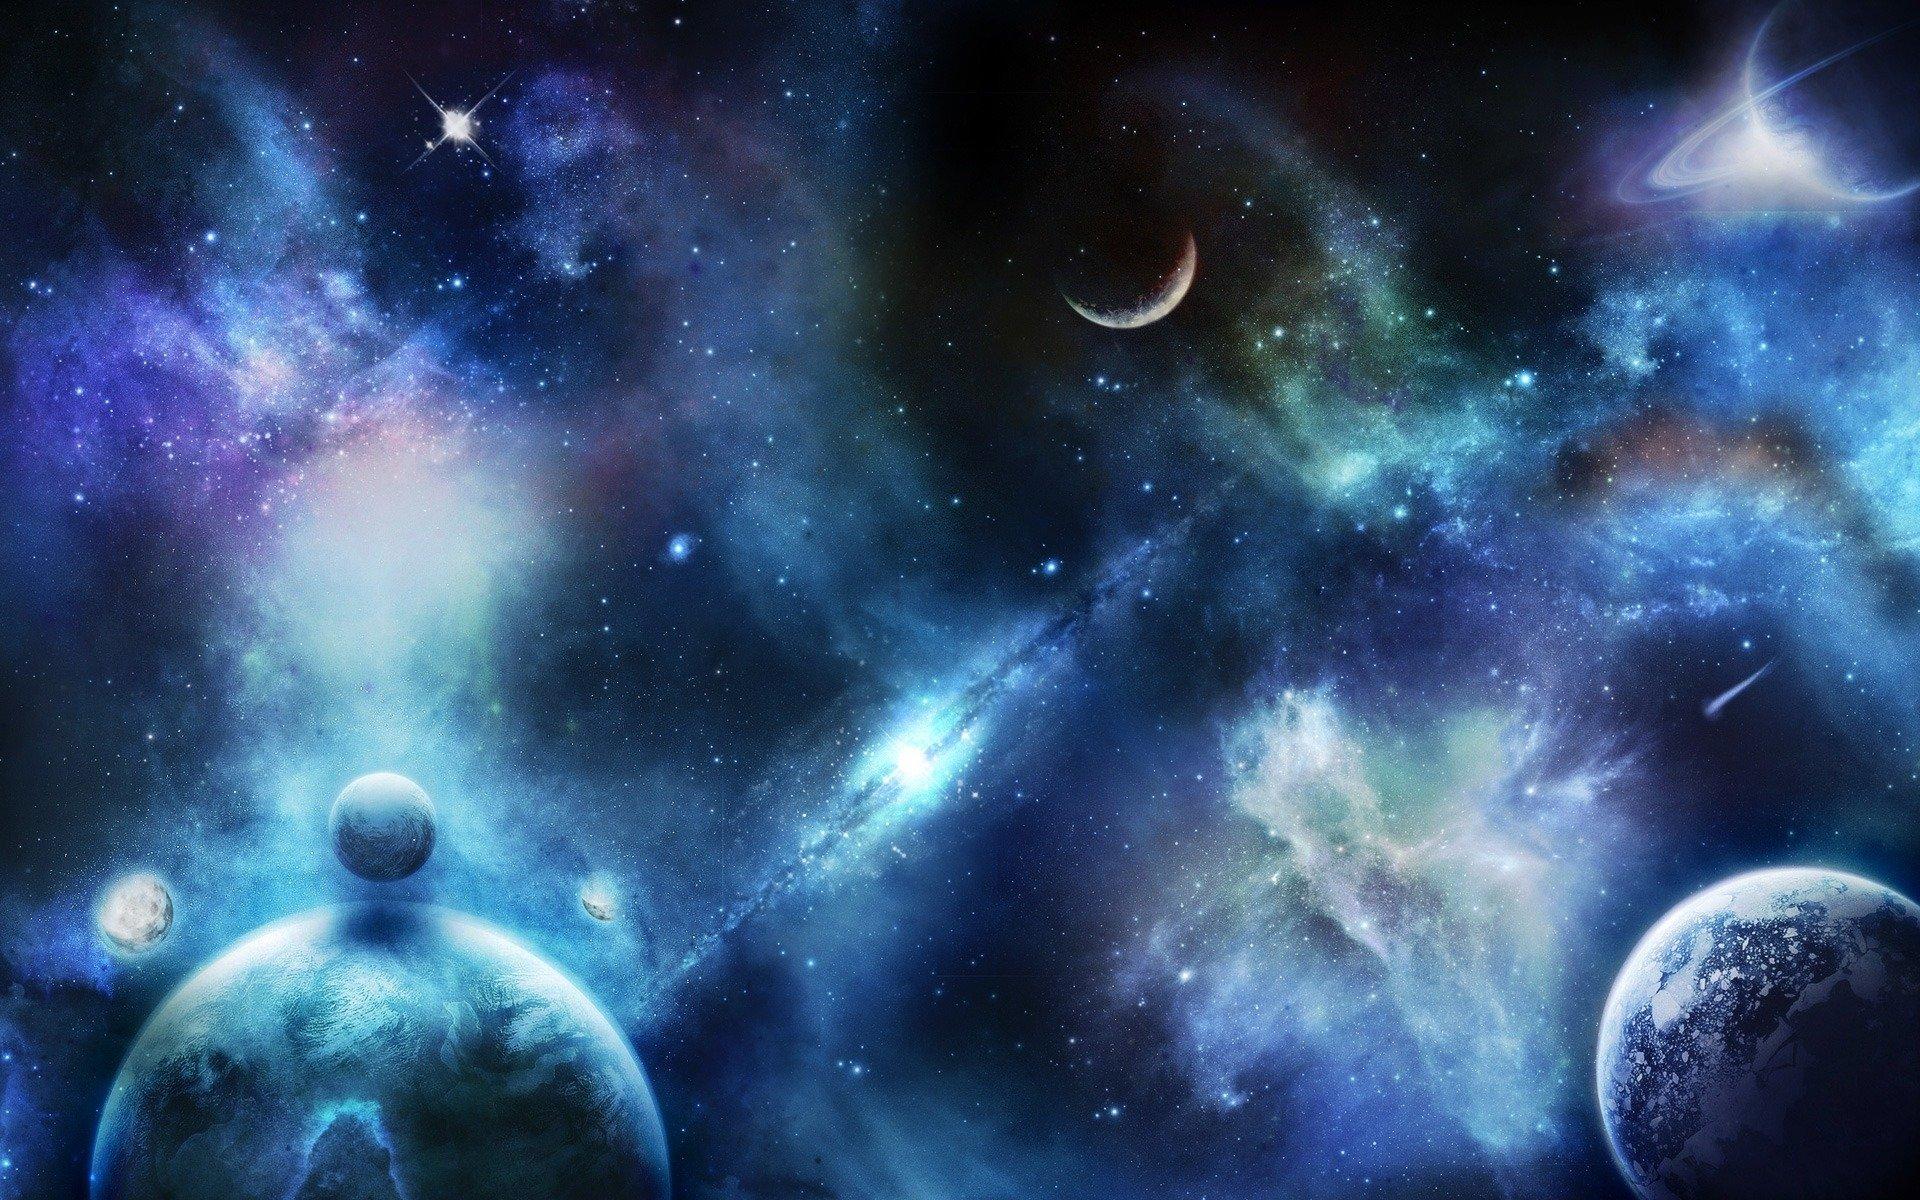 вот появилась красивые обои на телефон вселенная картинки турбинка